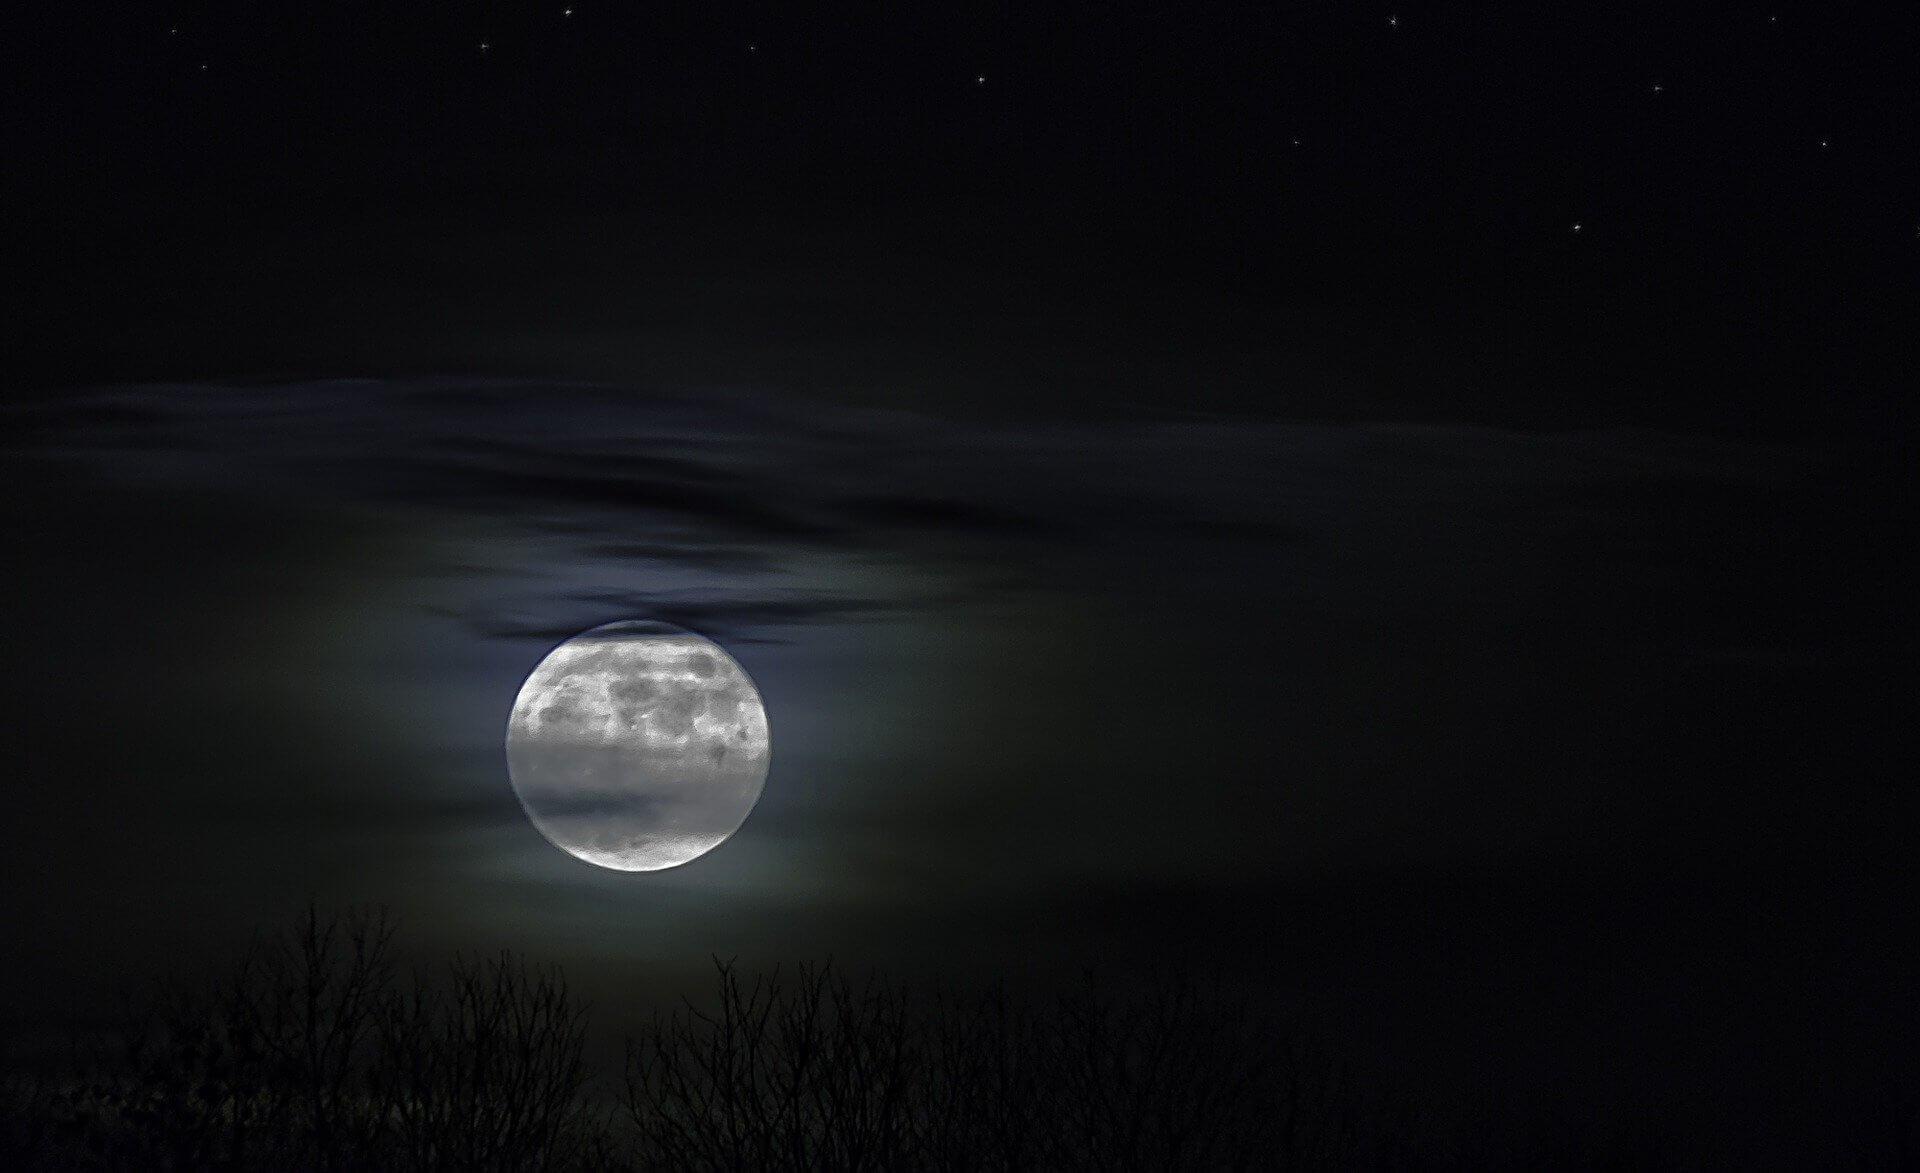 Midnight Sun, stephenie meyer, zmierzch, książka, premiera, literatura, wydawnictwo, wydawnictwo dolnośląskie, słońce w mroku, wampiry, horror, romans, literatura młodzieżowa, kristen stewart, robert pattinson, ballada ptaków i węży, książki, zaćmienie, księżyc w nowiu, przed switem